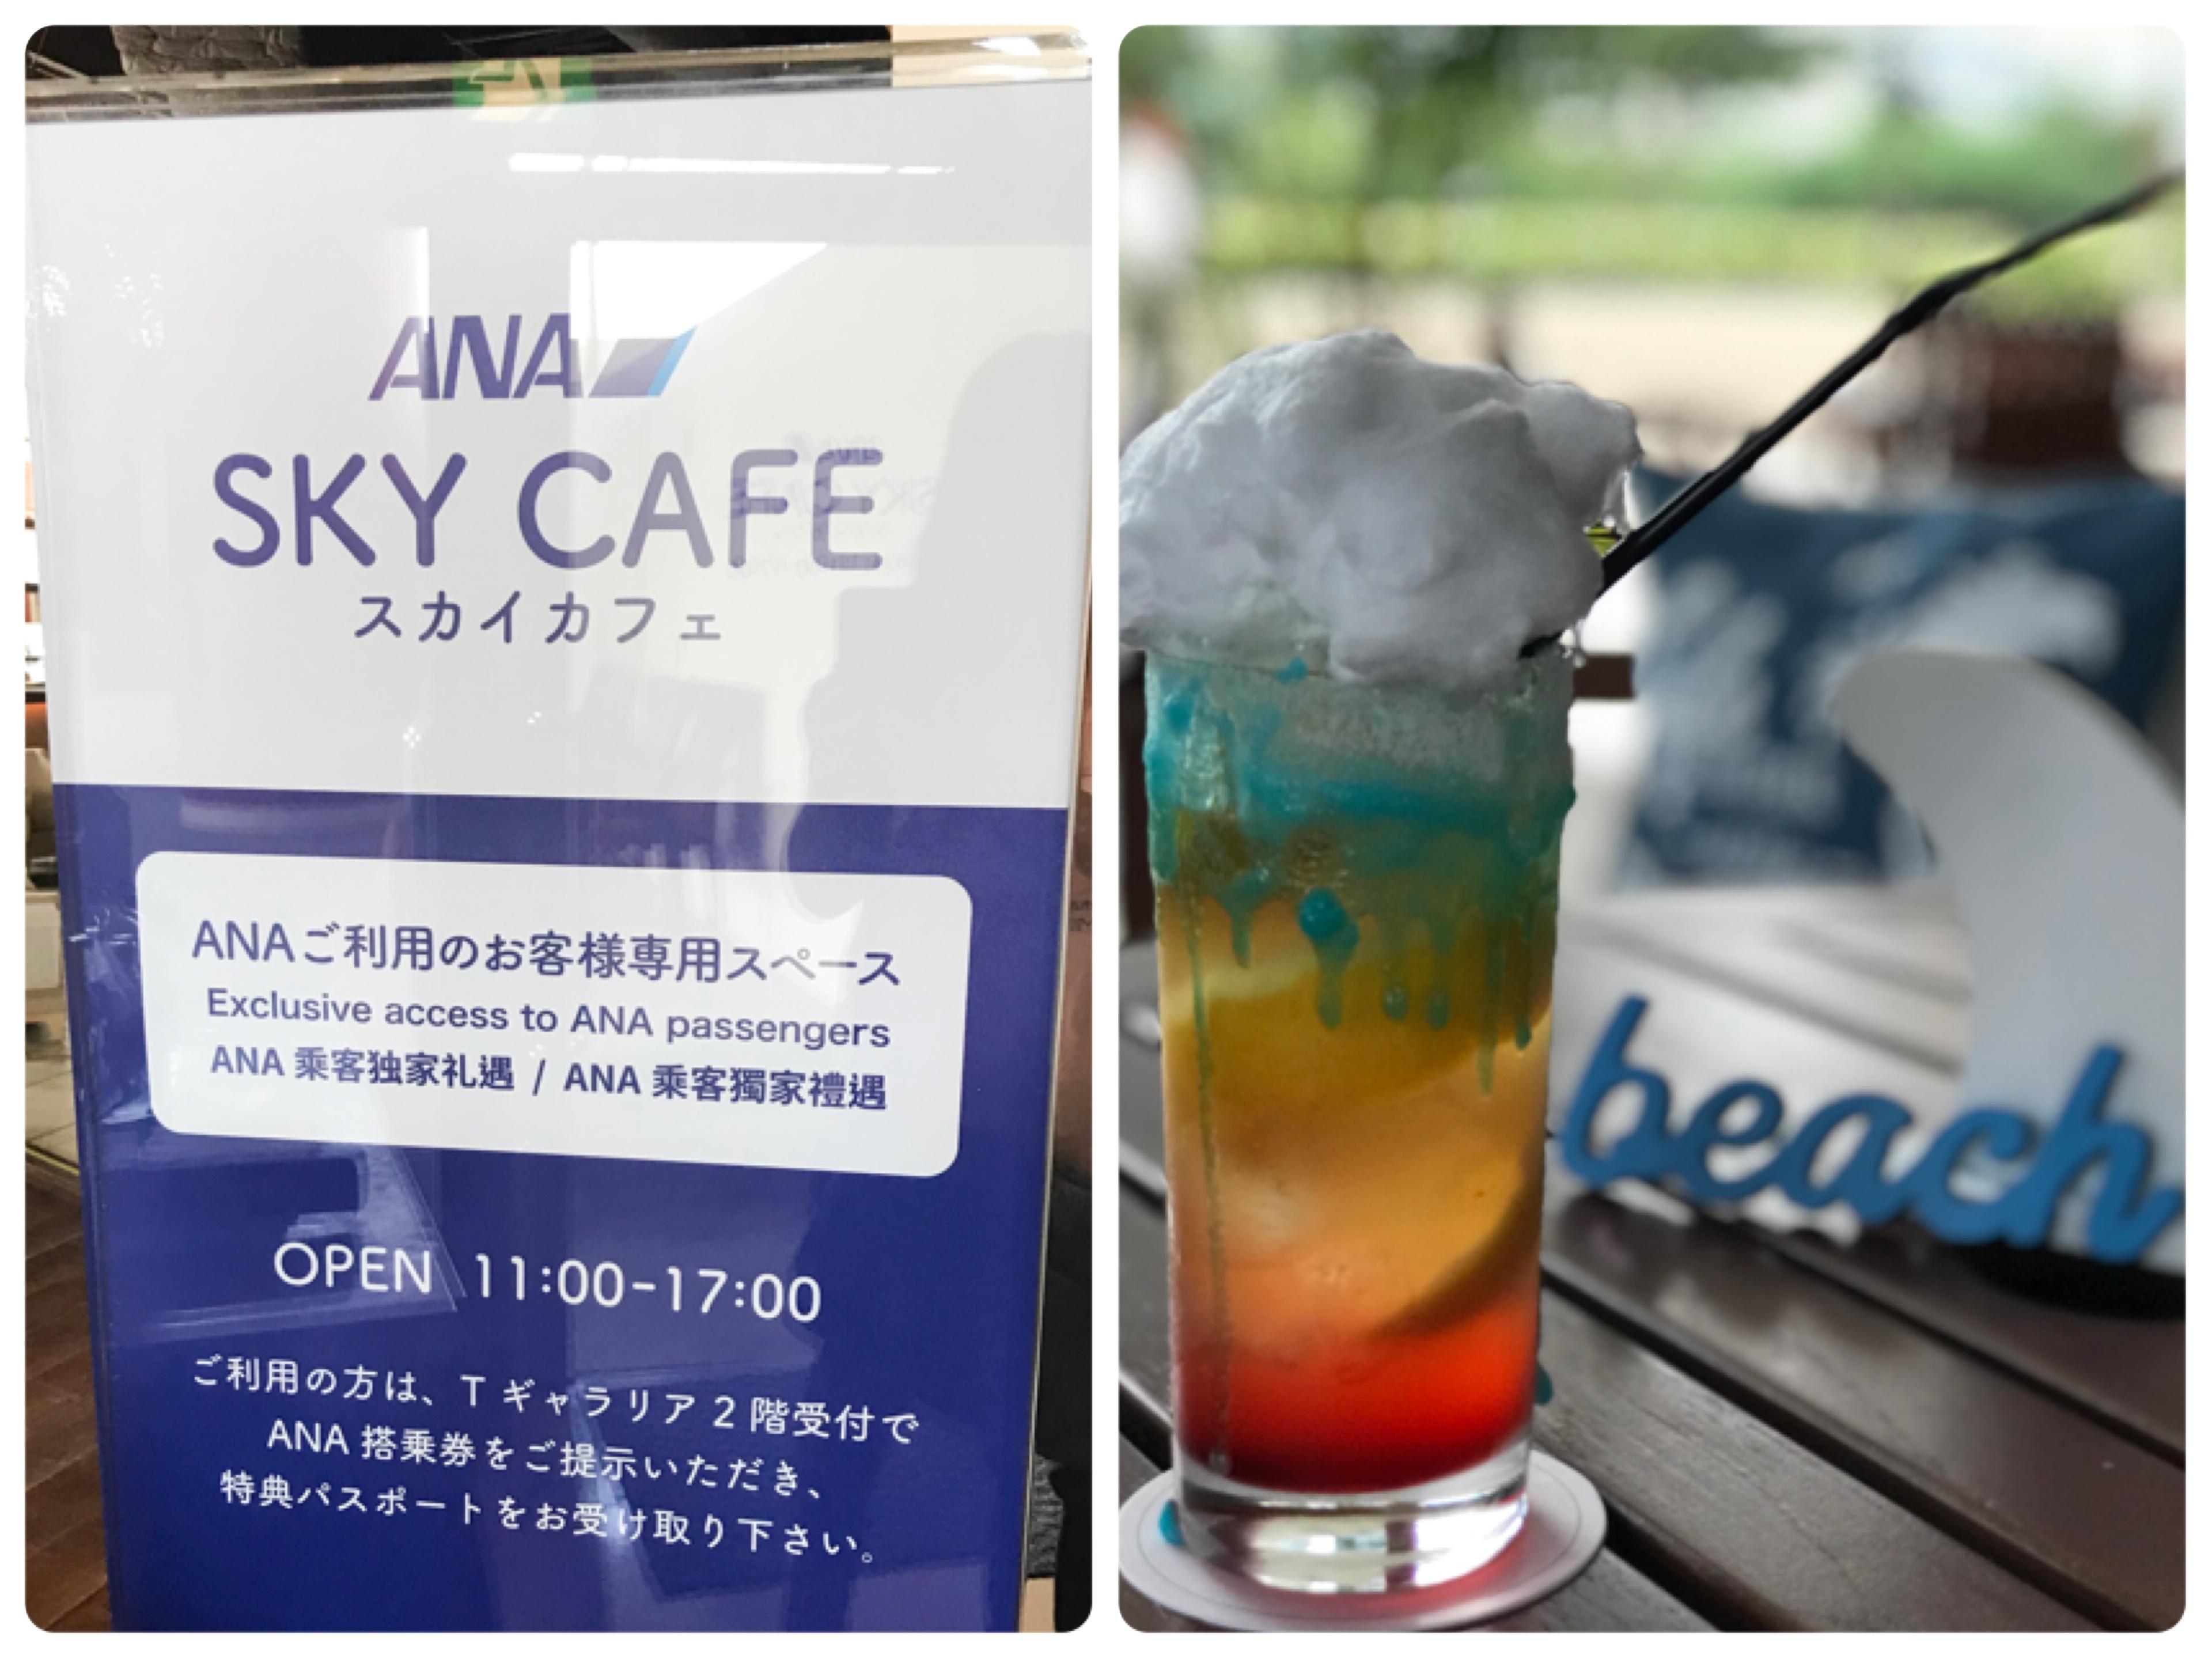 沖縄免税店での食事